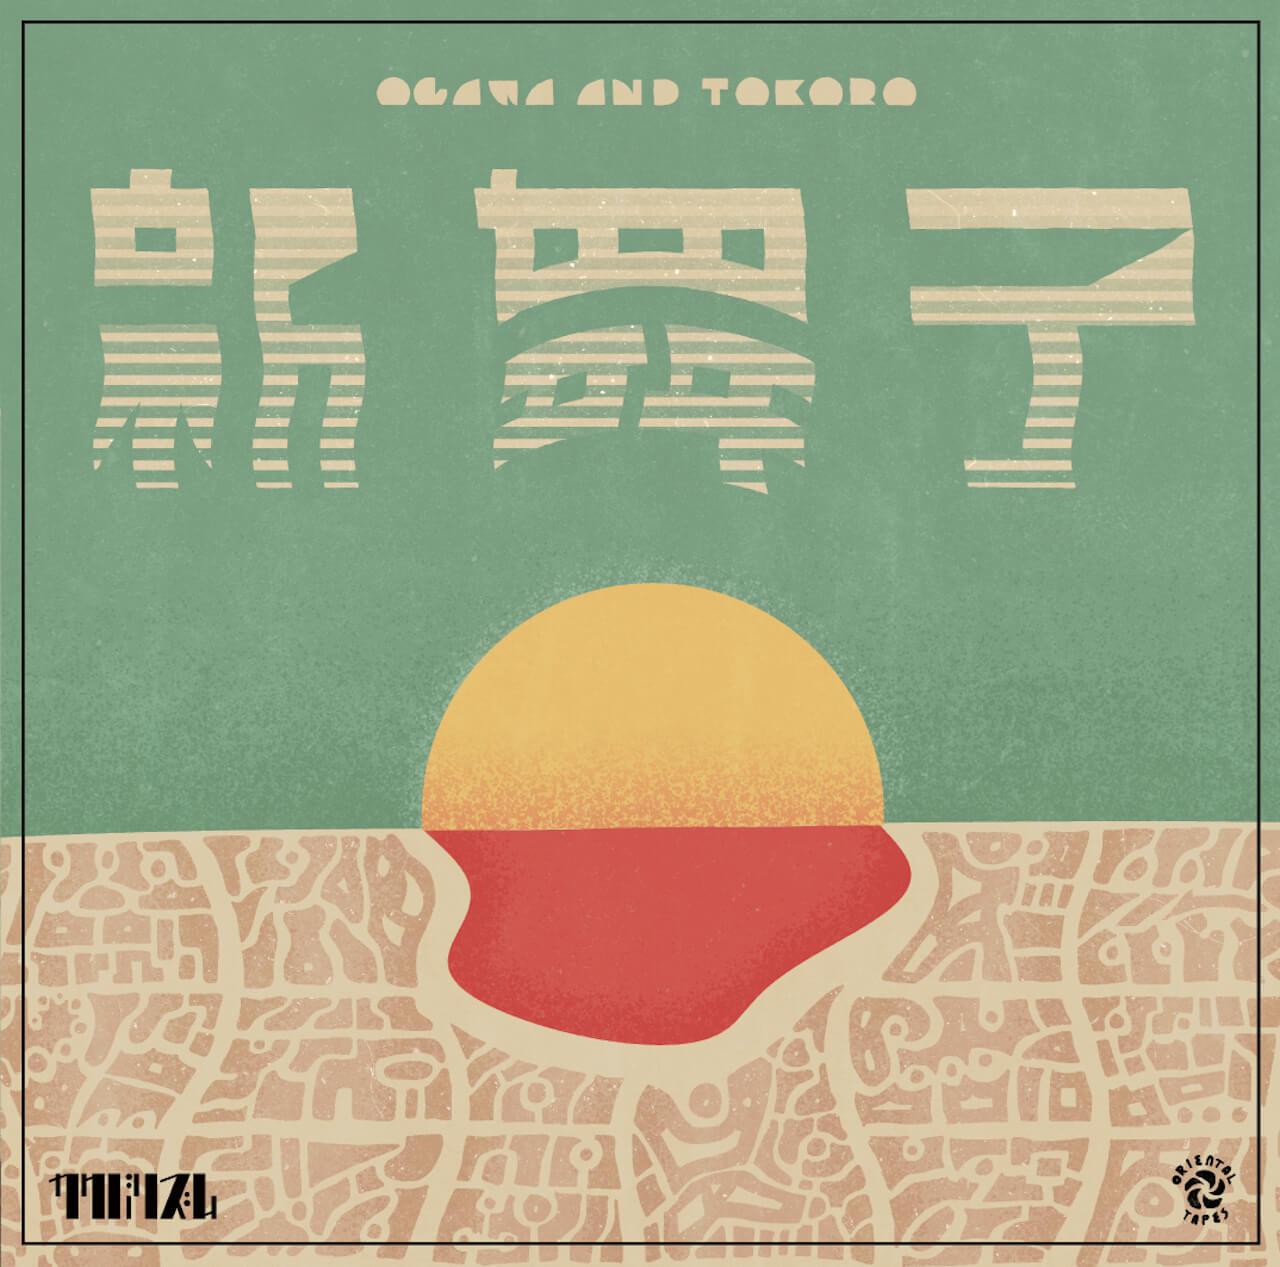 名古屋の宅録ユニットOgawa & Tokoro、〈カクバリズム〉より7インチ・シングル&デジタルEP『Shinmaiko』をリリース music200807-ogawa-tokoro-kakubarhythm-1